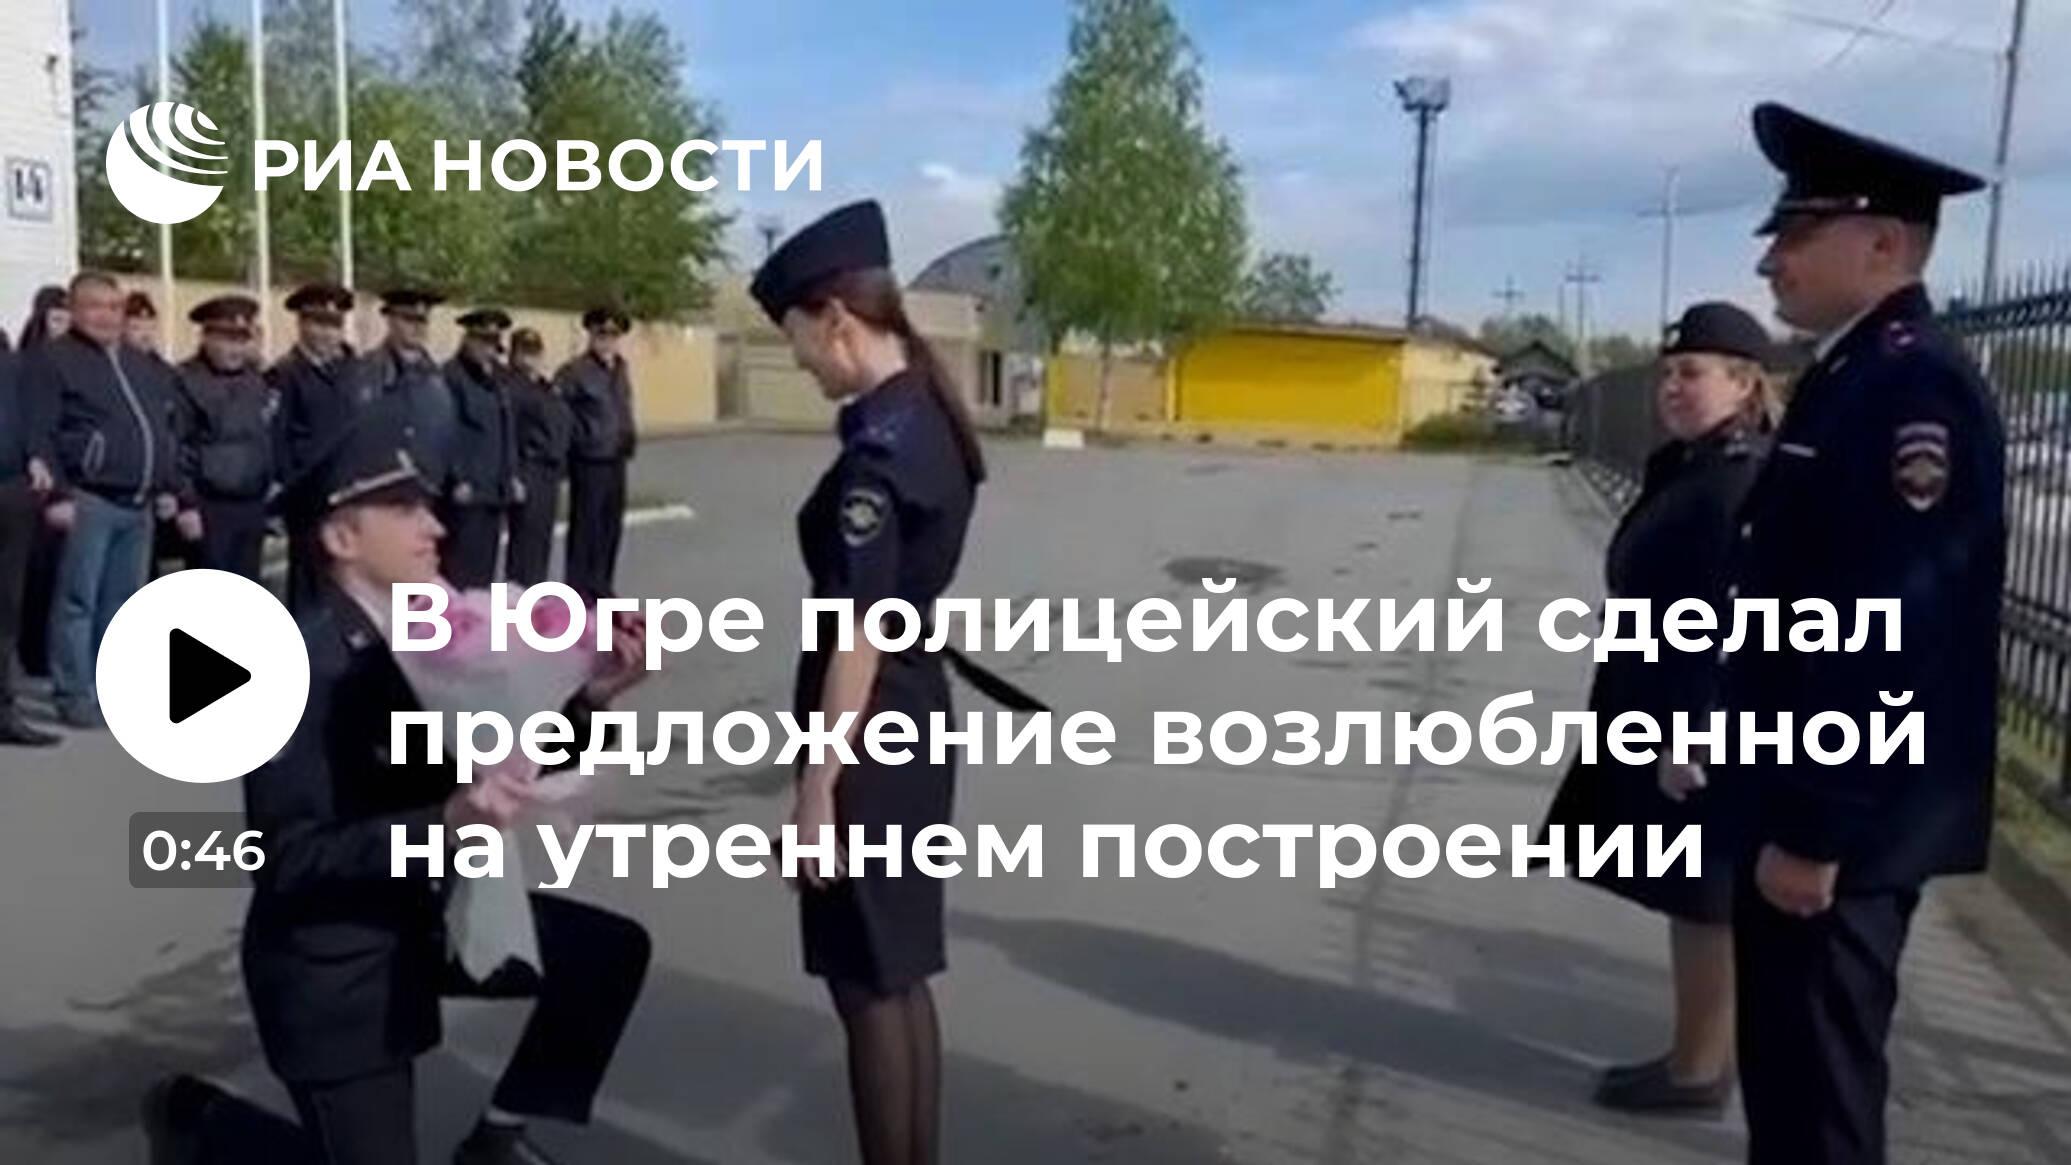 В Югре полицейский сделал предложение возлюбленной на утреннем построении